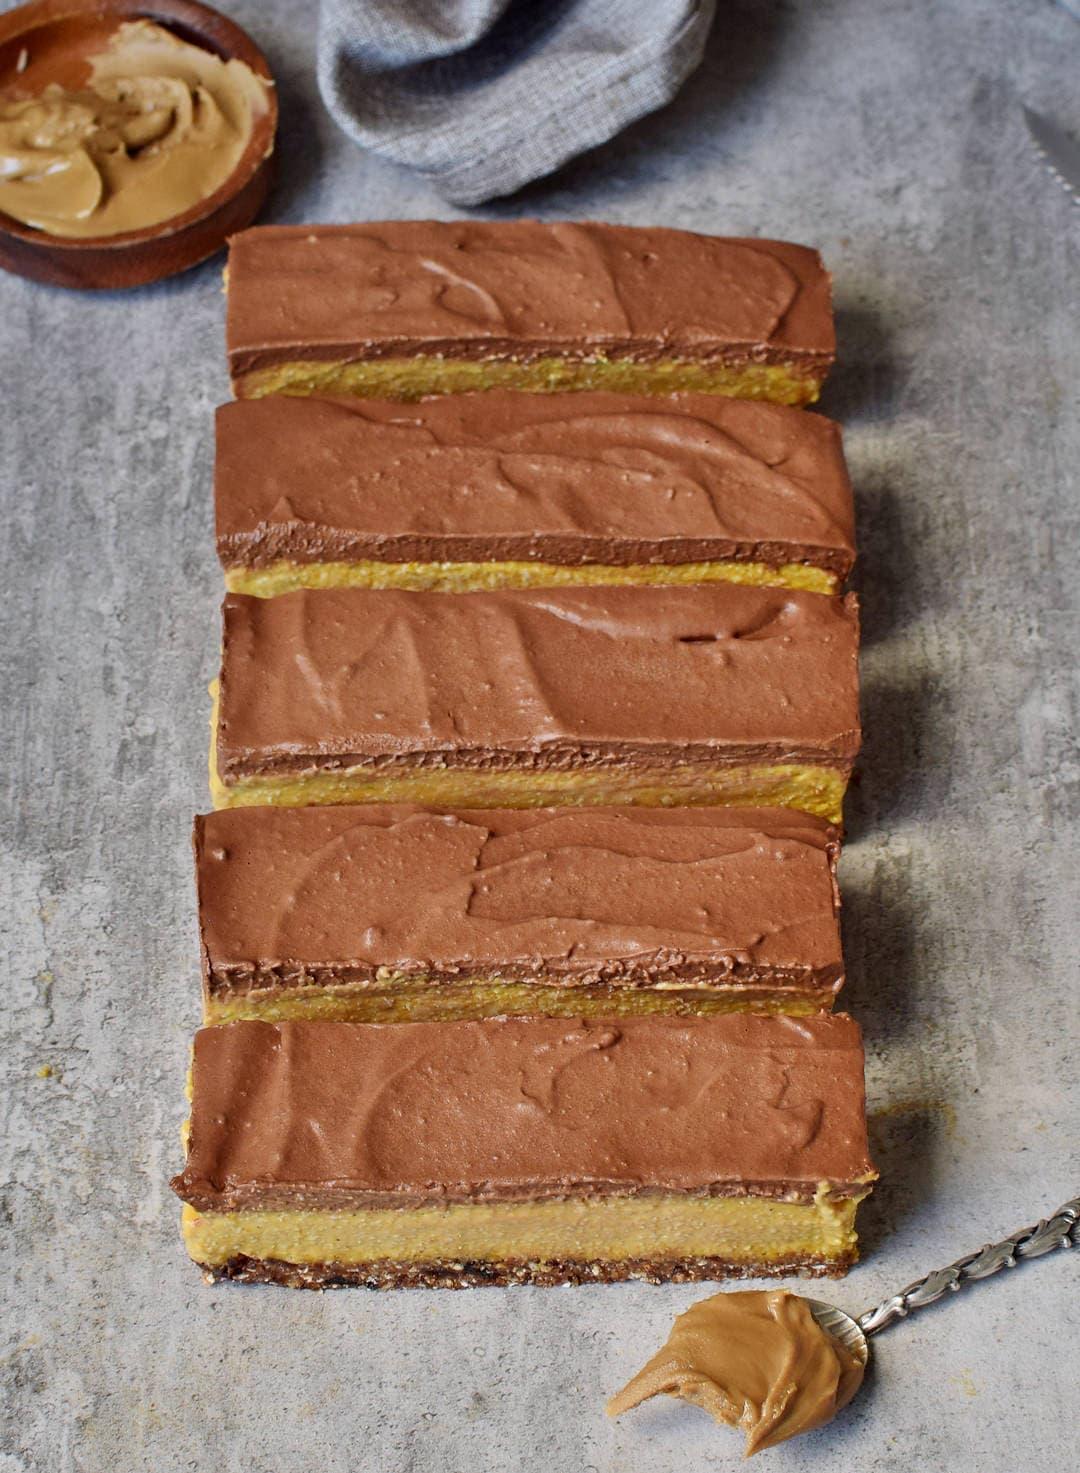 Gesunde vegane Kürbisschnitten ohne backen mit einer glutenfreien Schokoladenglasur (paleo)